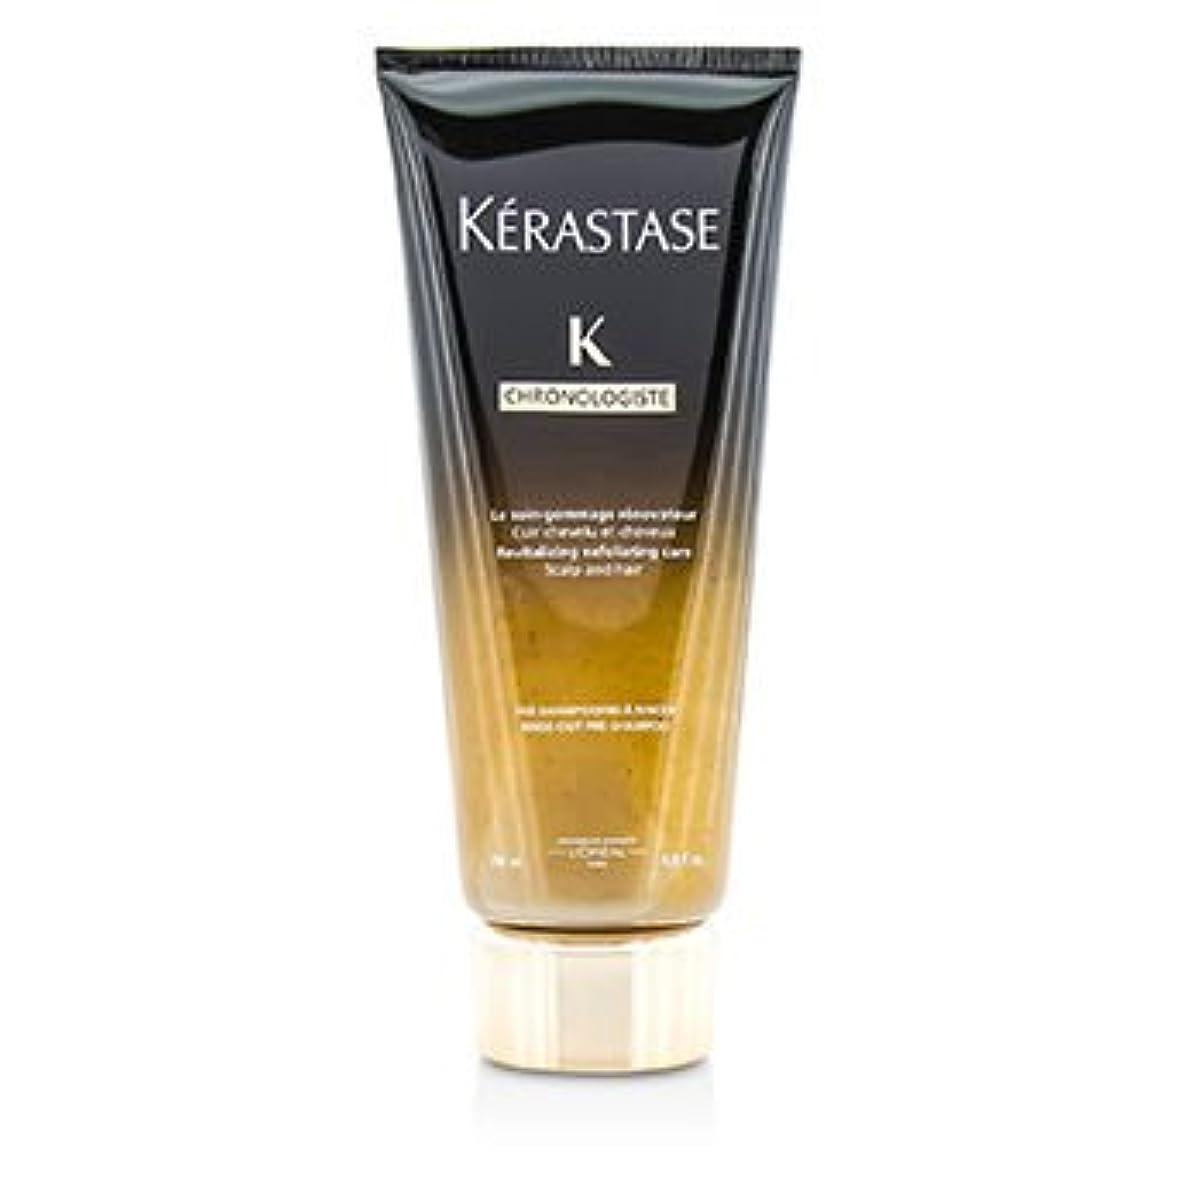 有益追うそれに応じて[Kerastase] Chronolgiste Revitalizing Exfoliating Care - Scalp and Hair (Rinse-Out Pre-Shampoo) 200ml/6.8oz